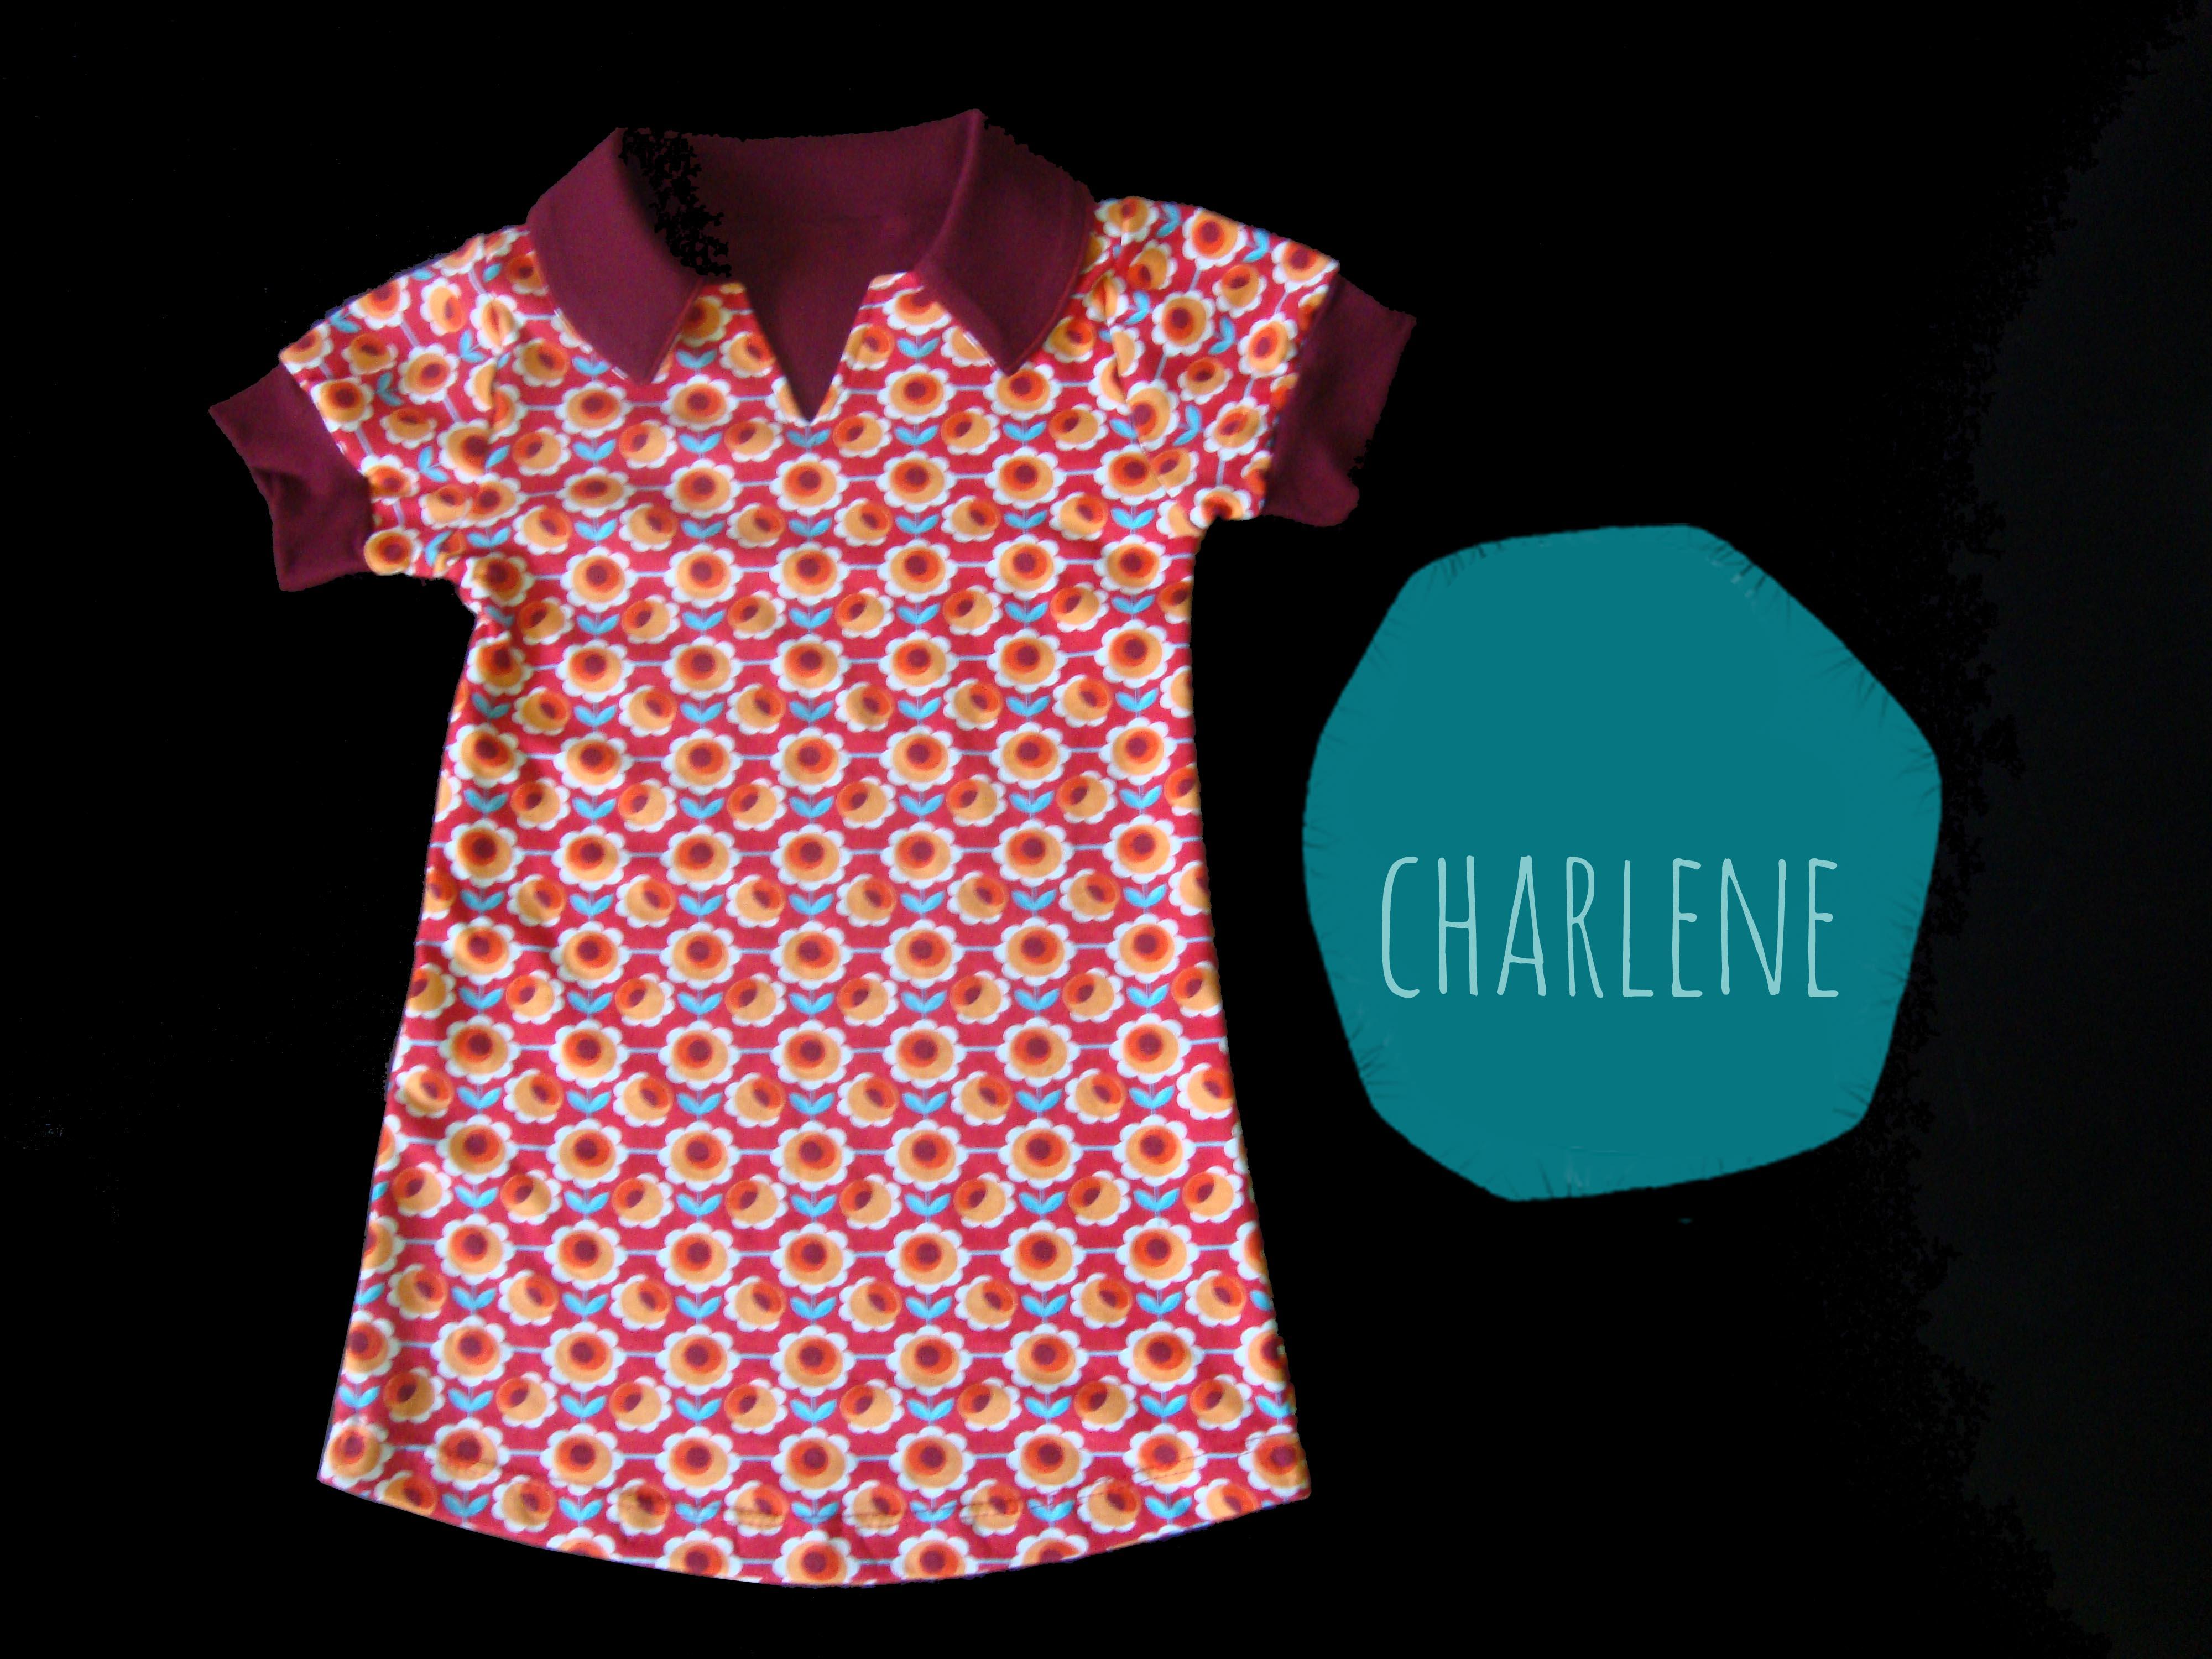 Charlene by Khadetjes